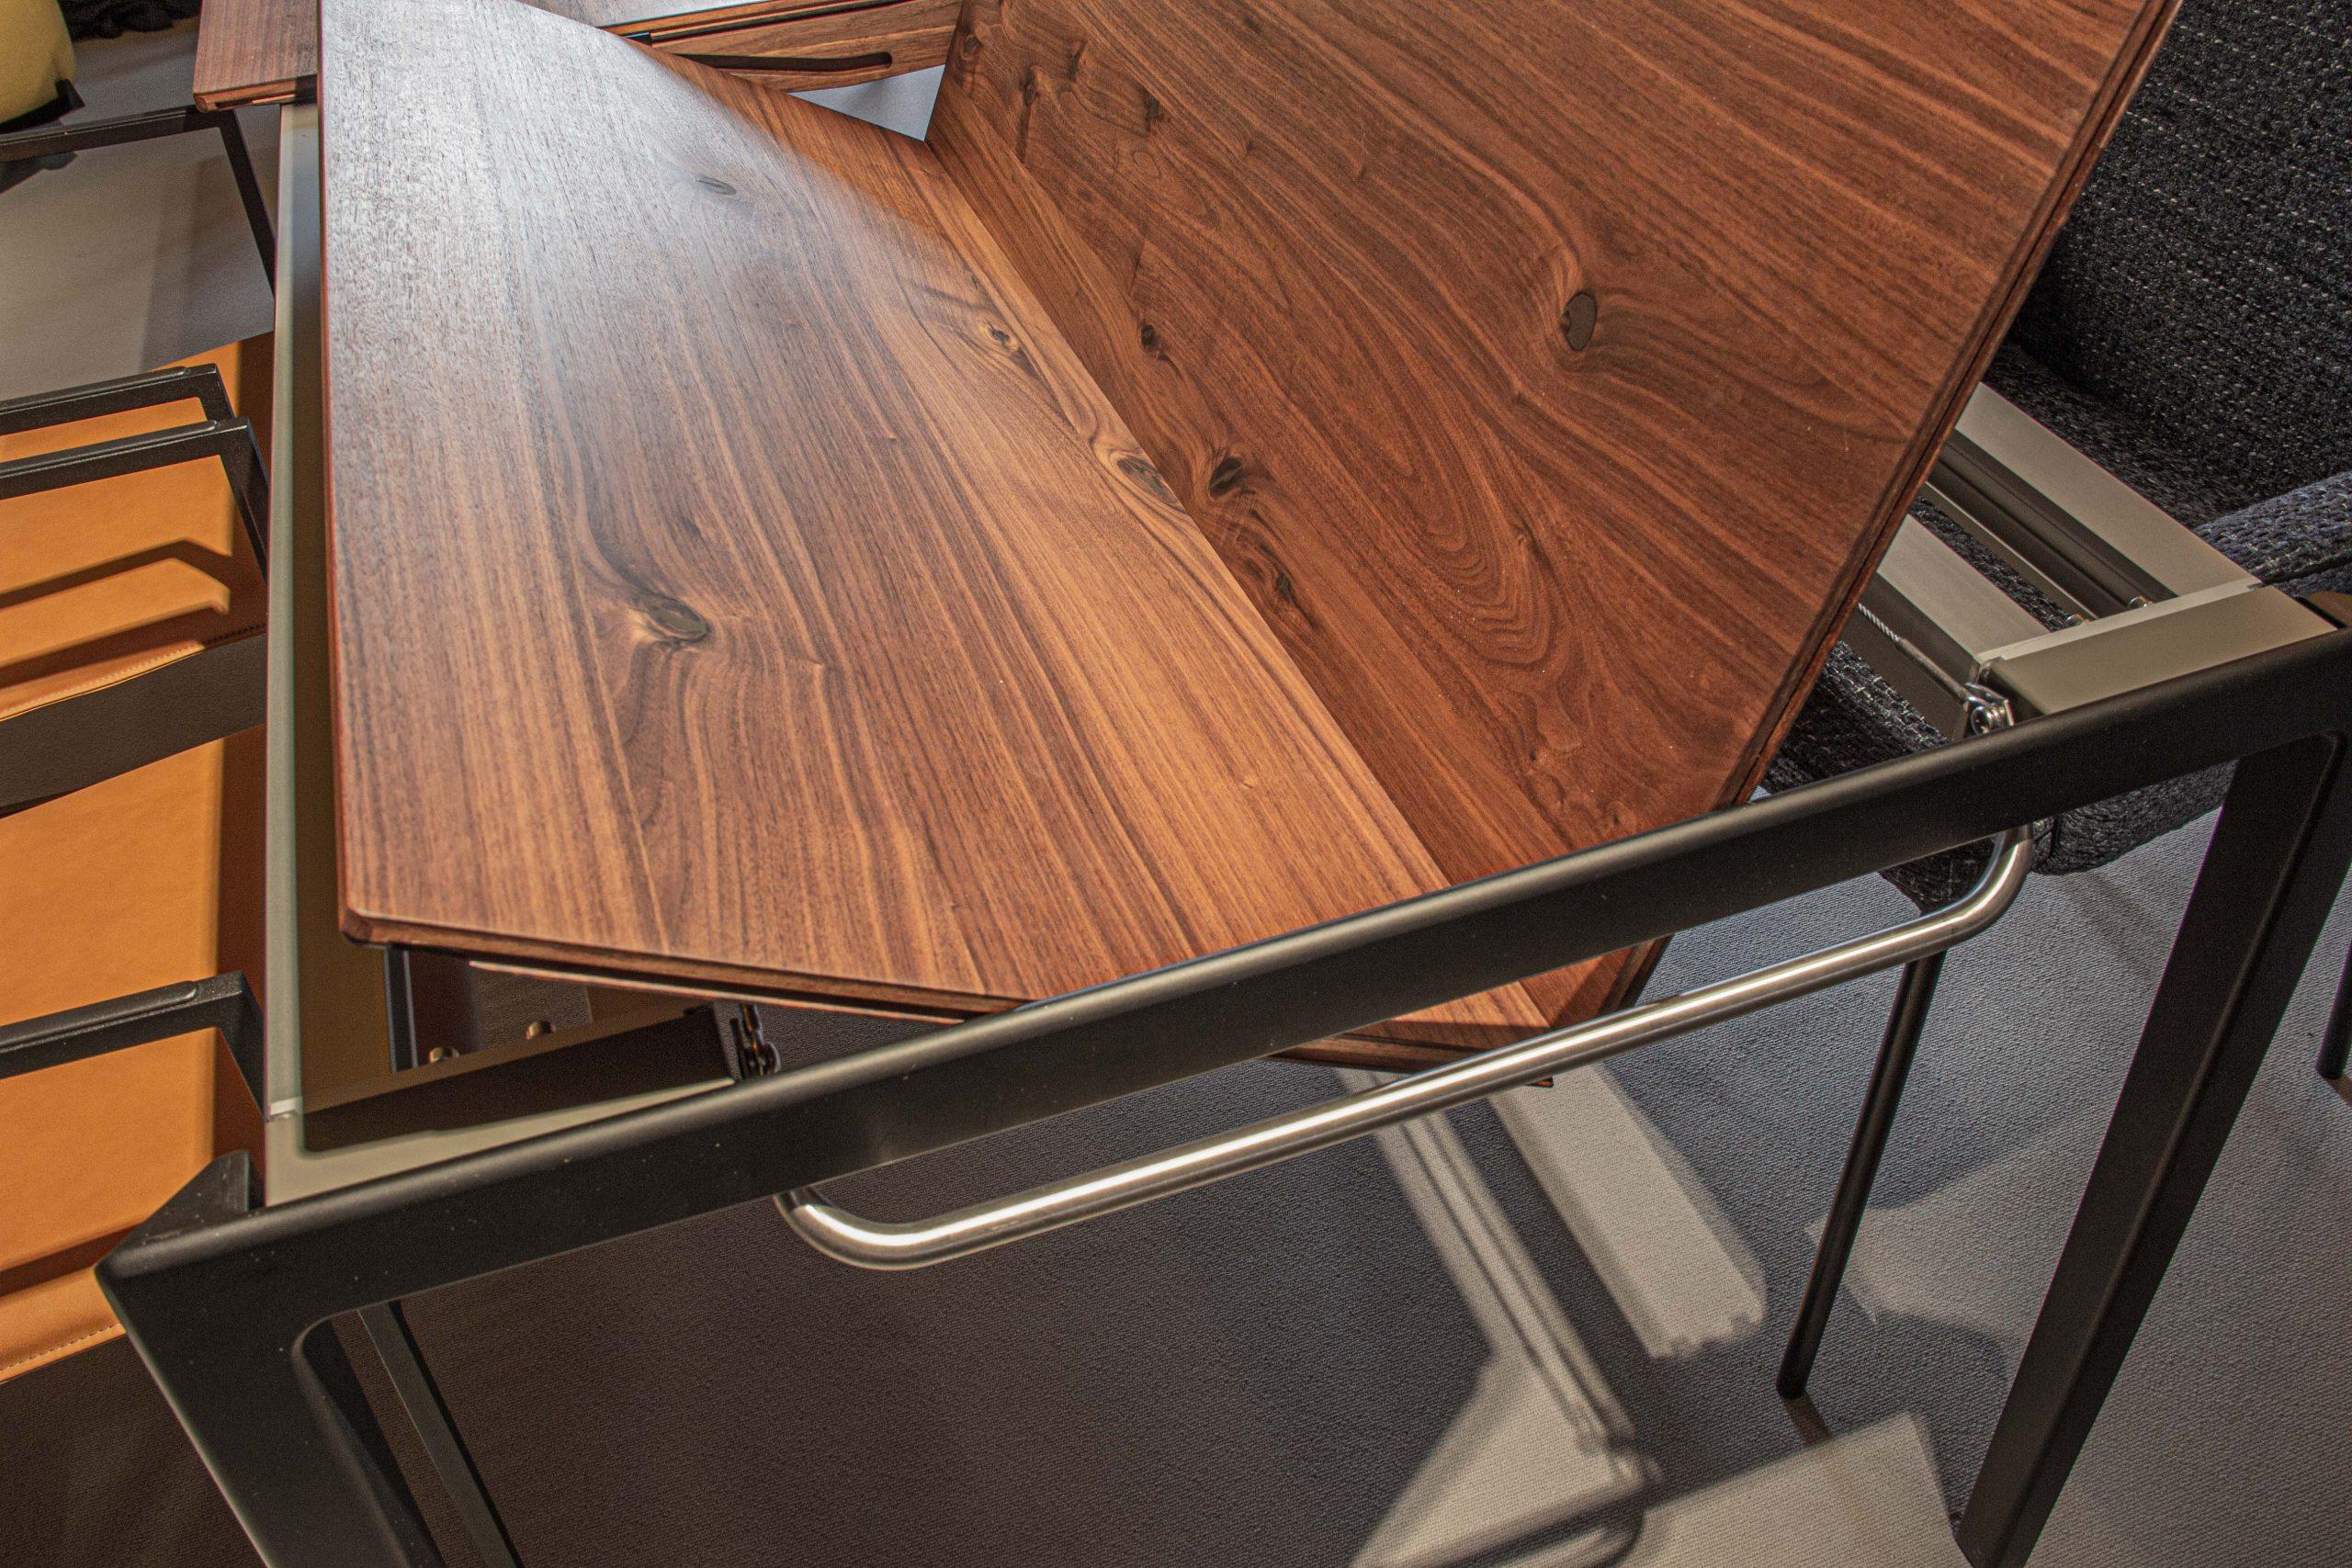 Möbel TAUSCH - einrichten - Tisch TAK